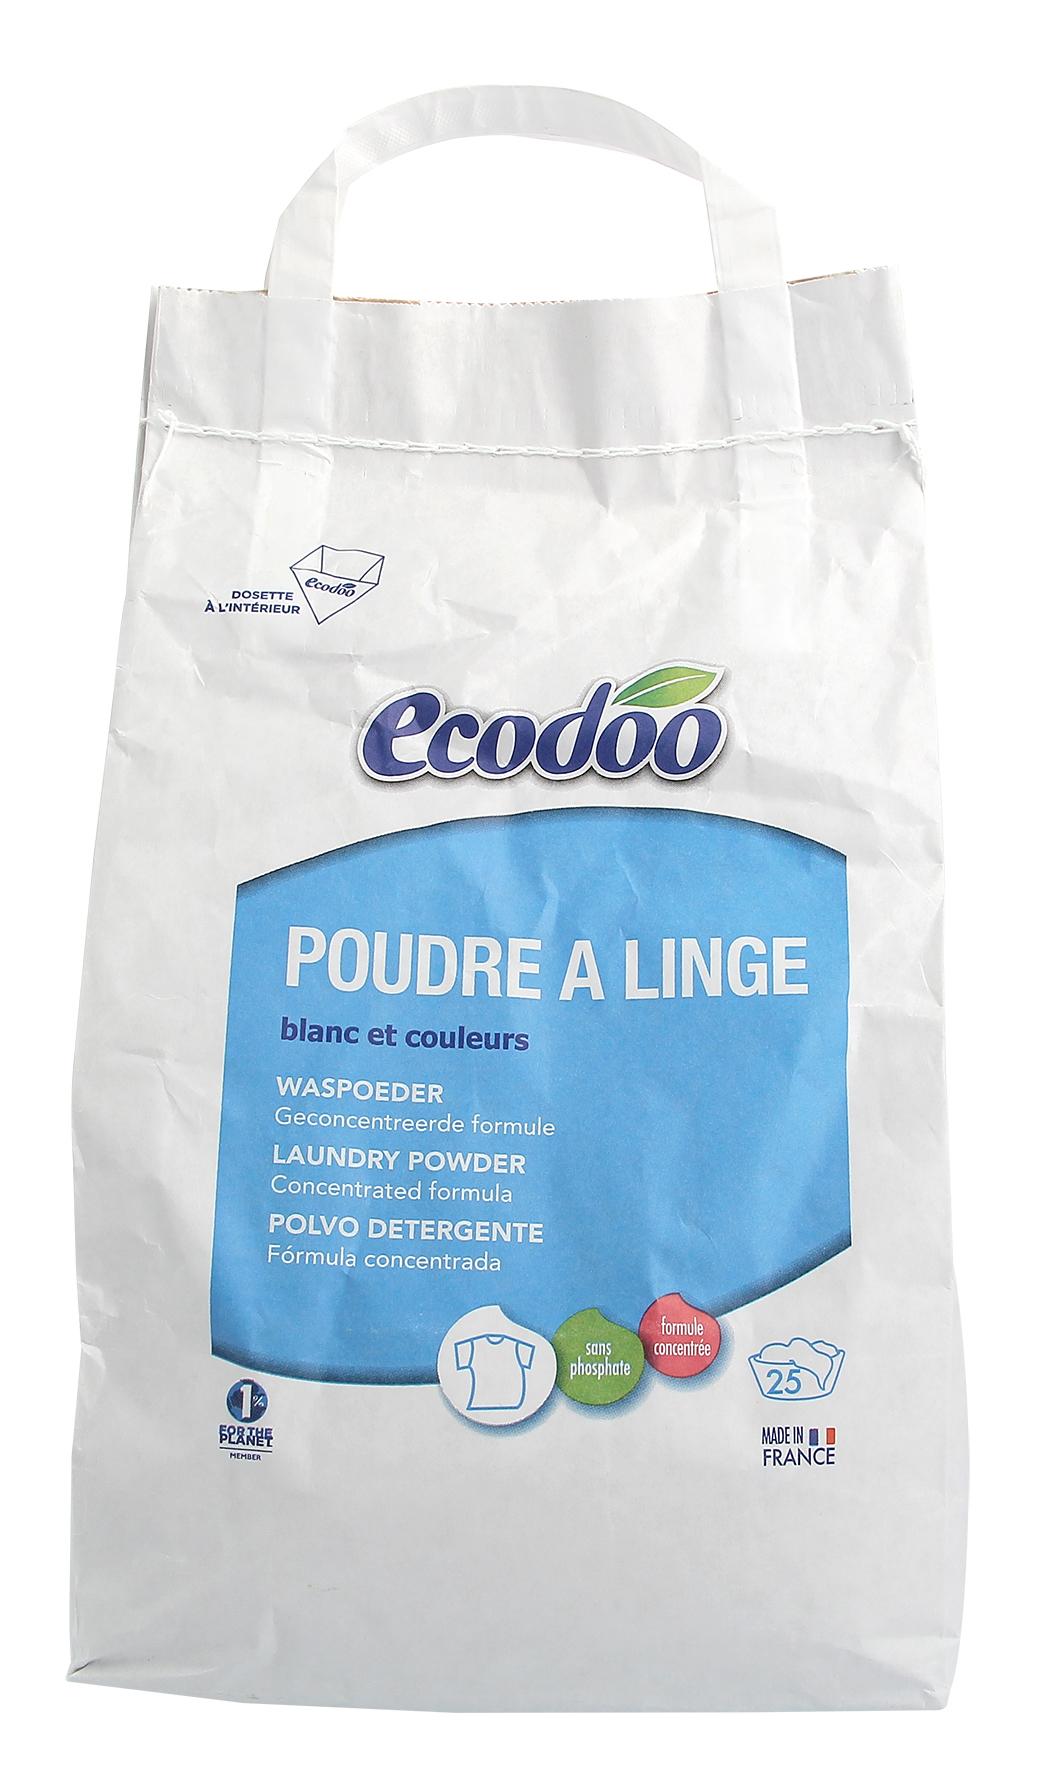 Poudre à linge, Ecodoo (1.5 kg)